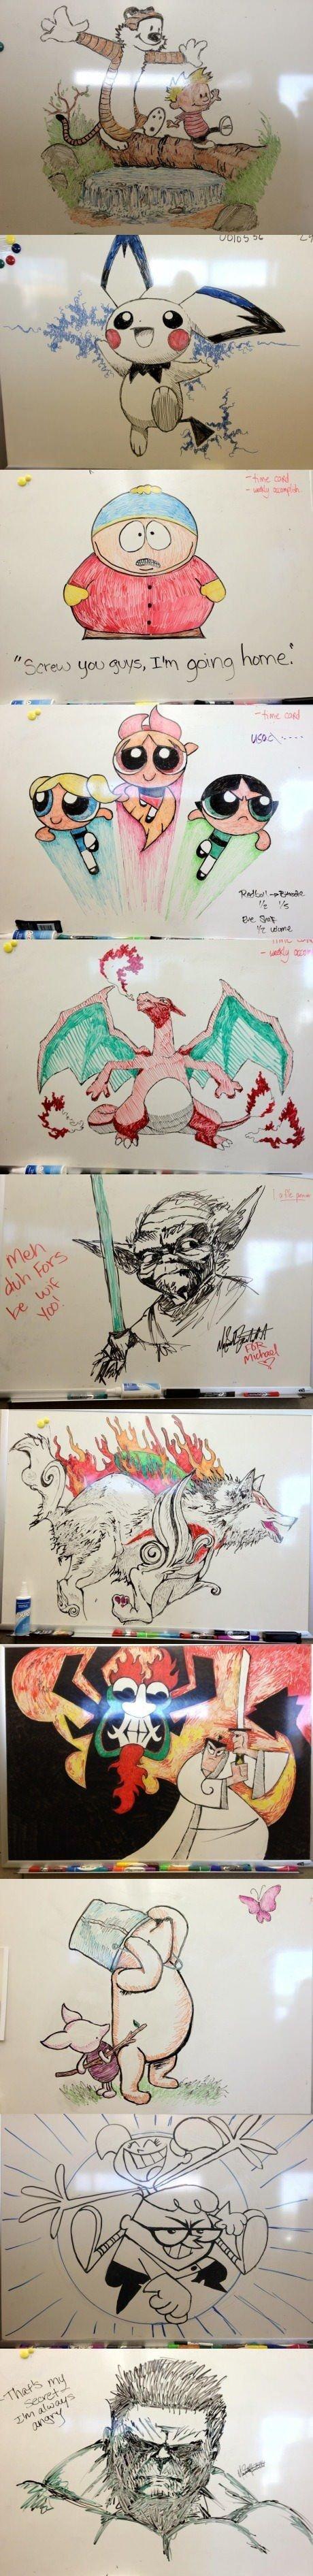 Whiteboard Drawings. .